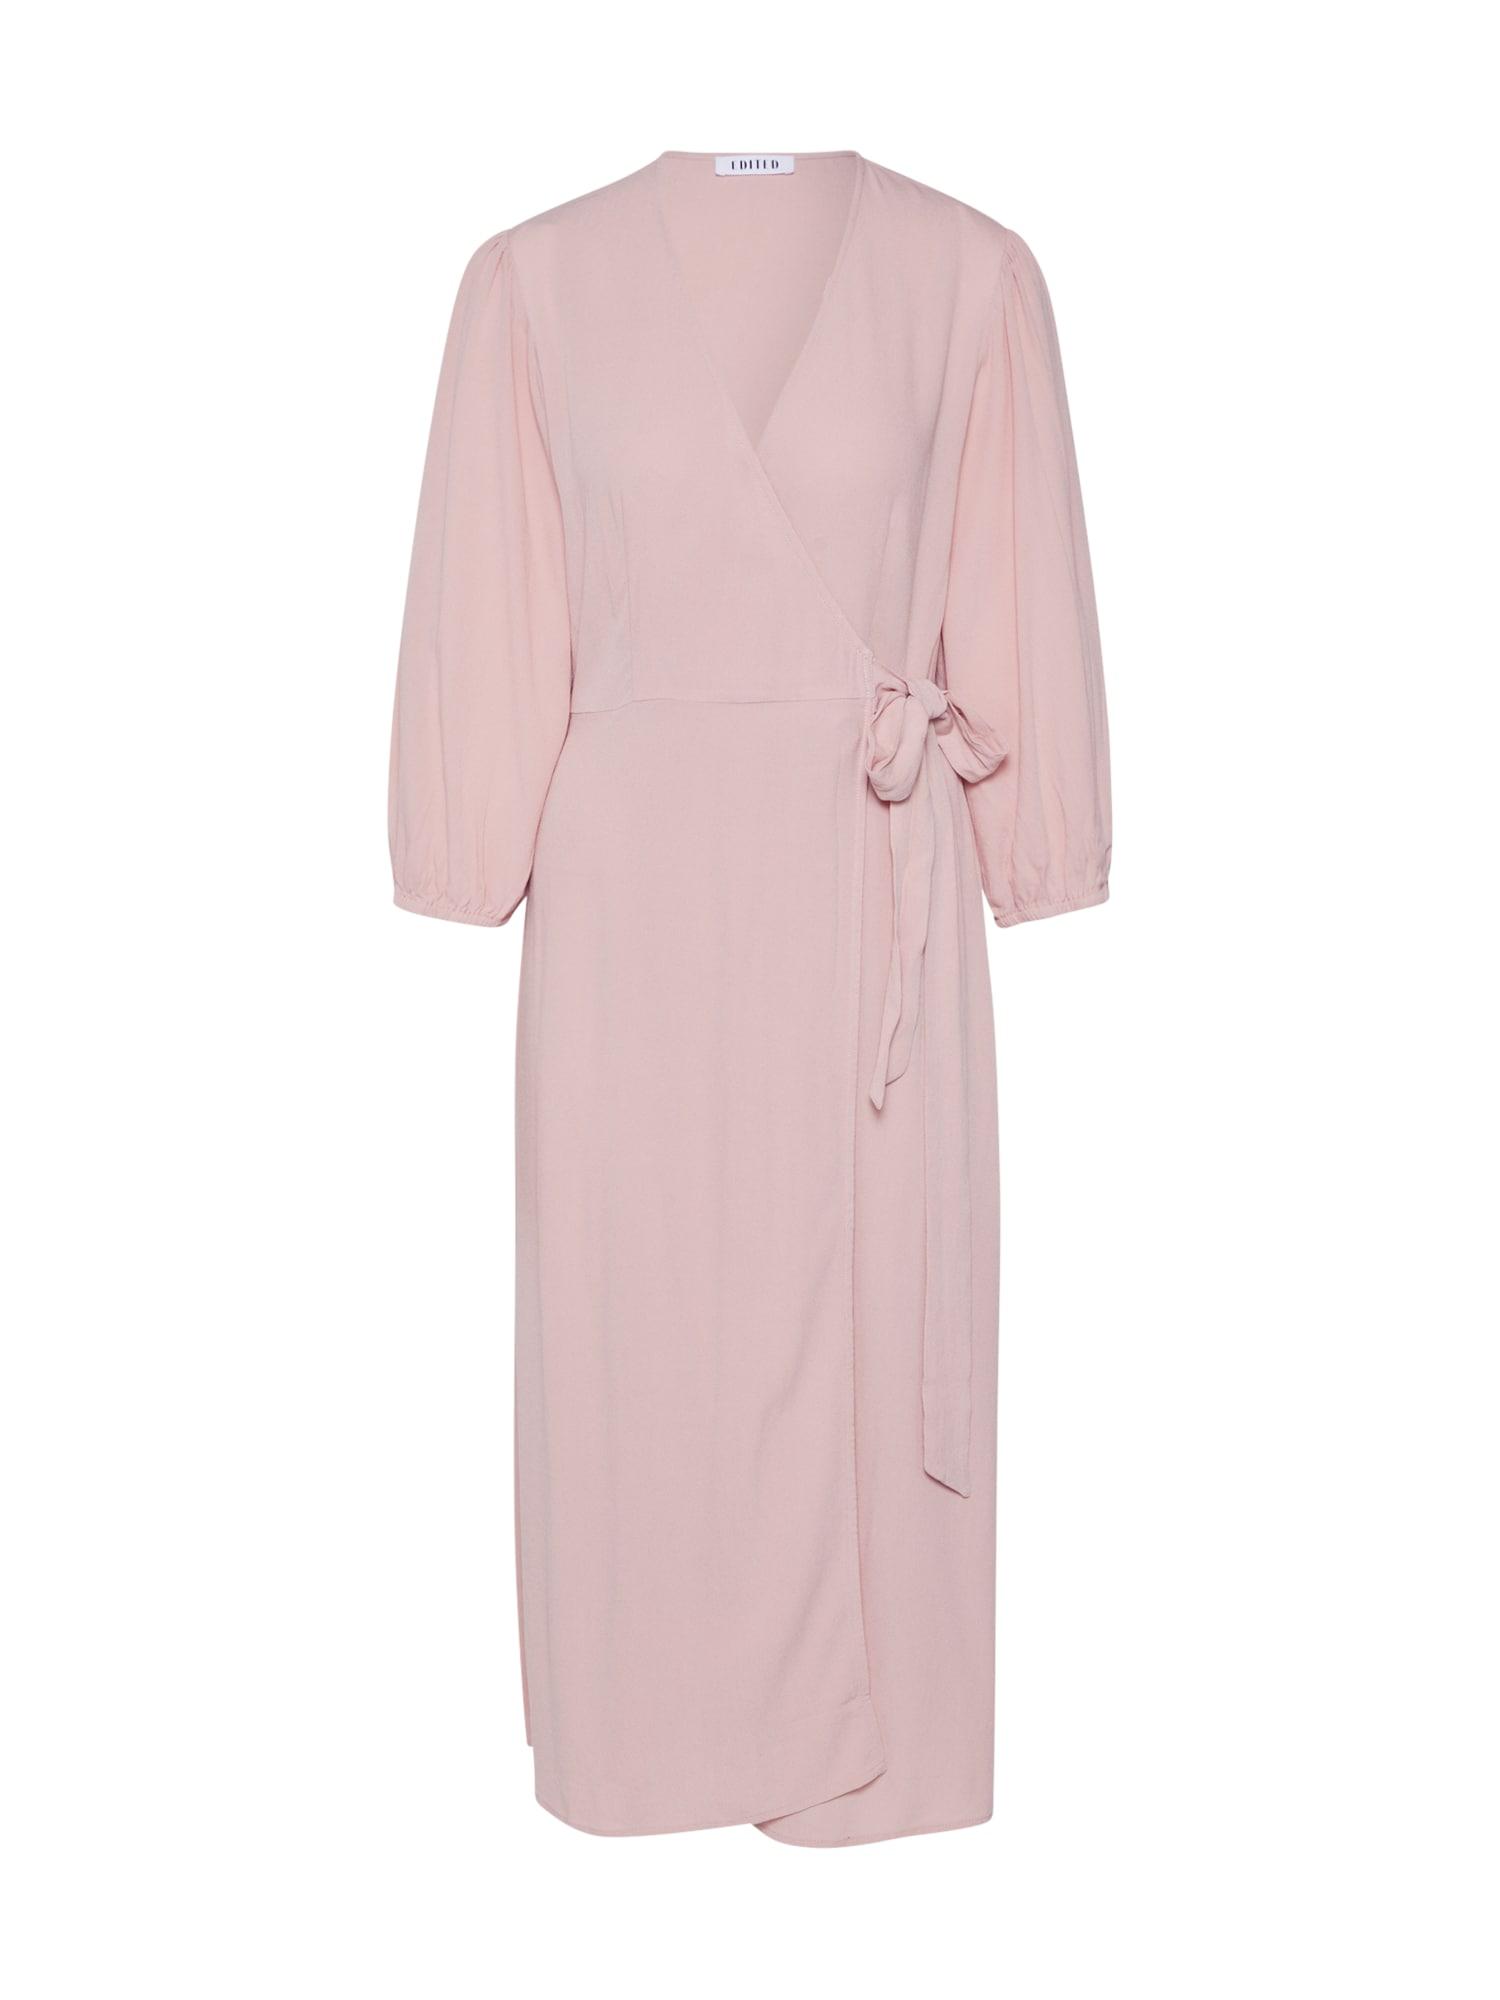 EDITED Suknelė 'Alene' rožinė / rožių spalva